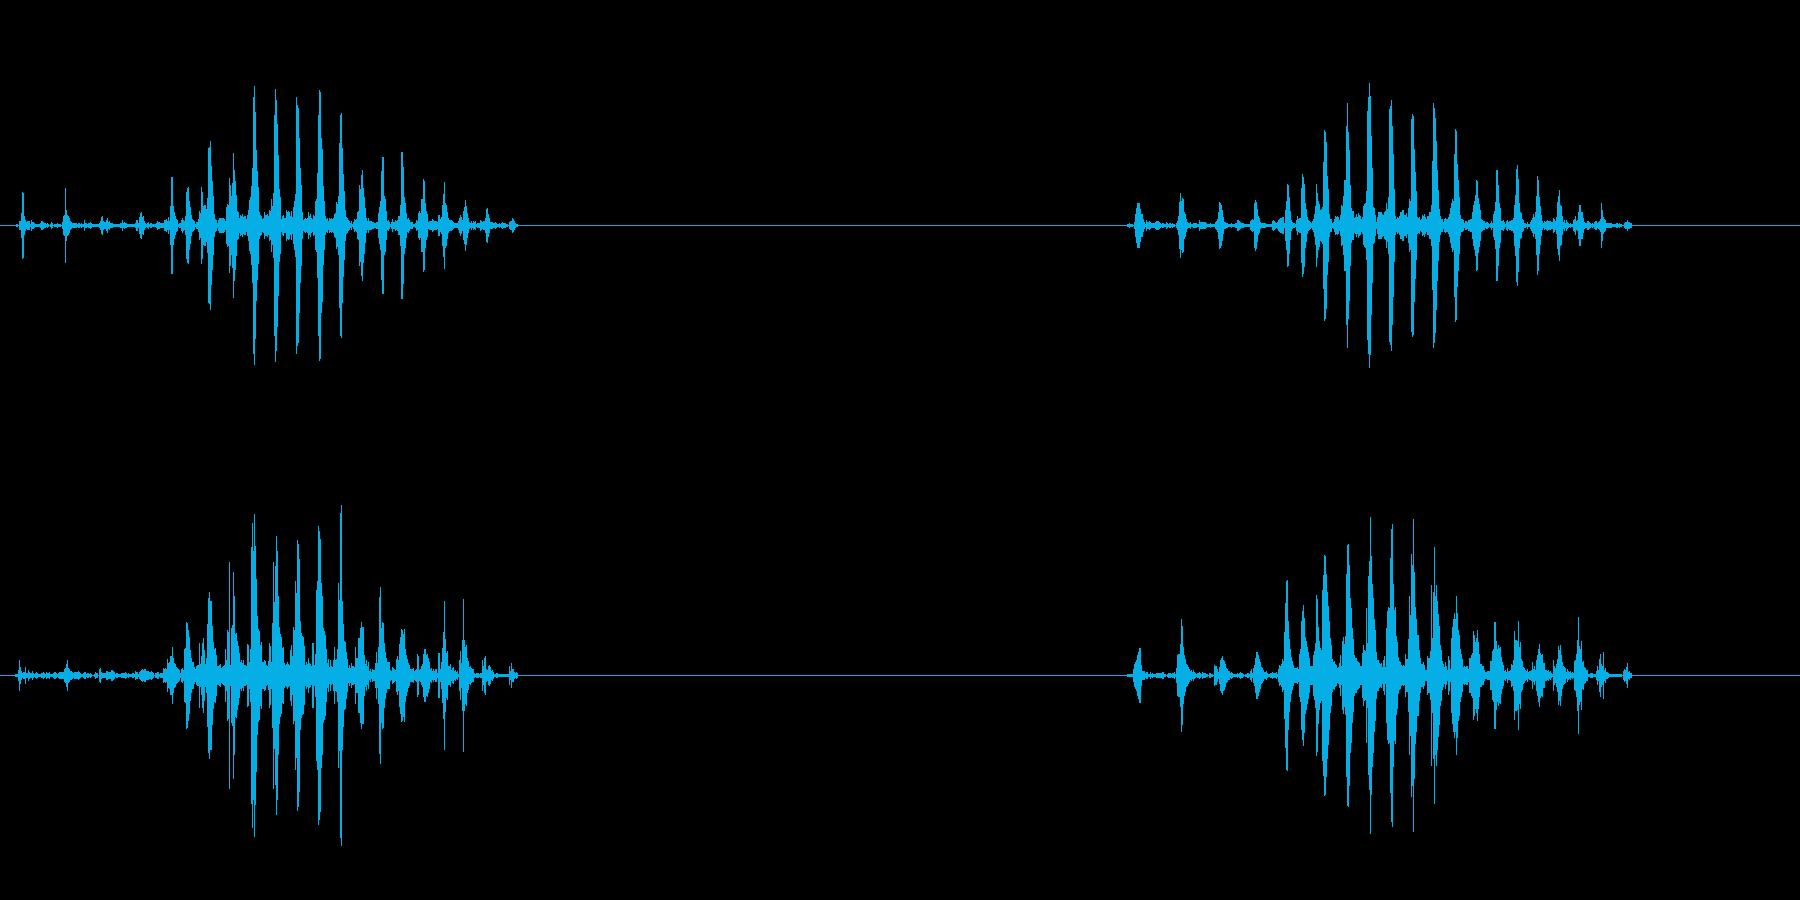 ゲコというカエルの声の再生済みの波形